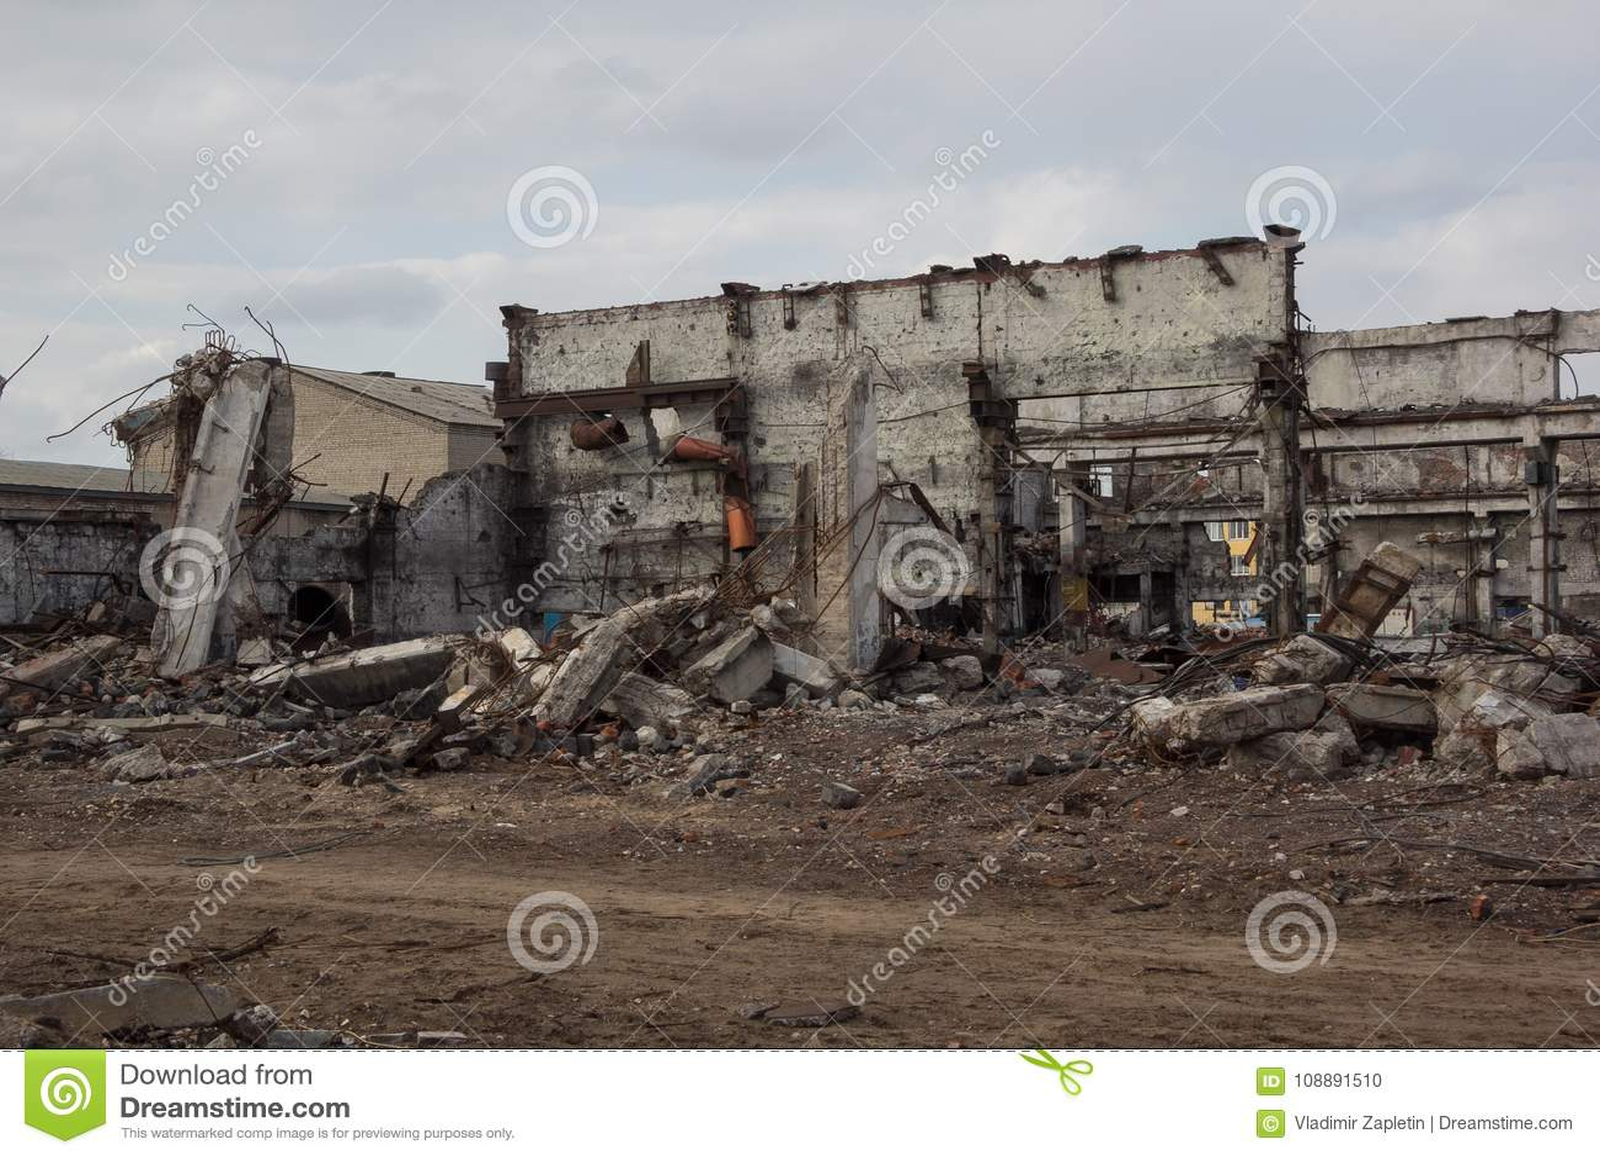 Des bâtiments industriels détruits, peuvent être employés comme démolition, guerre, bombe, attaque terroriste, tremblement de ter